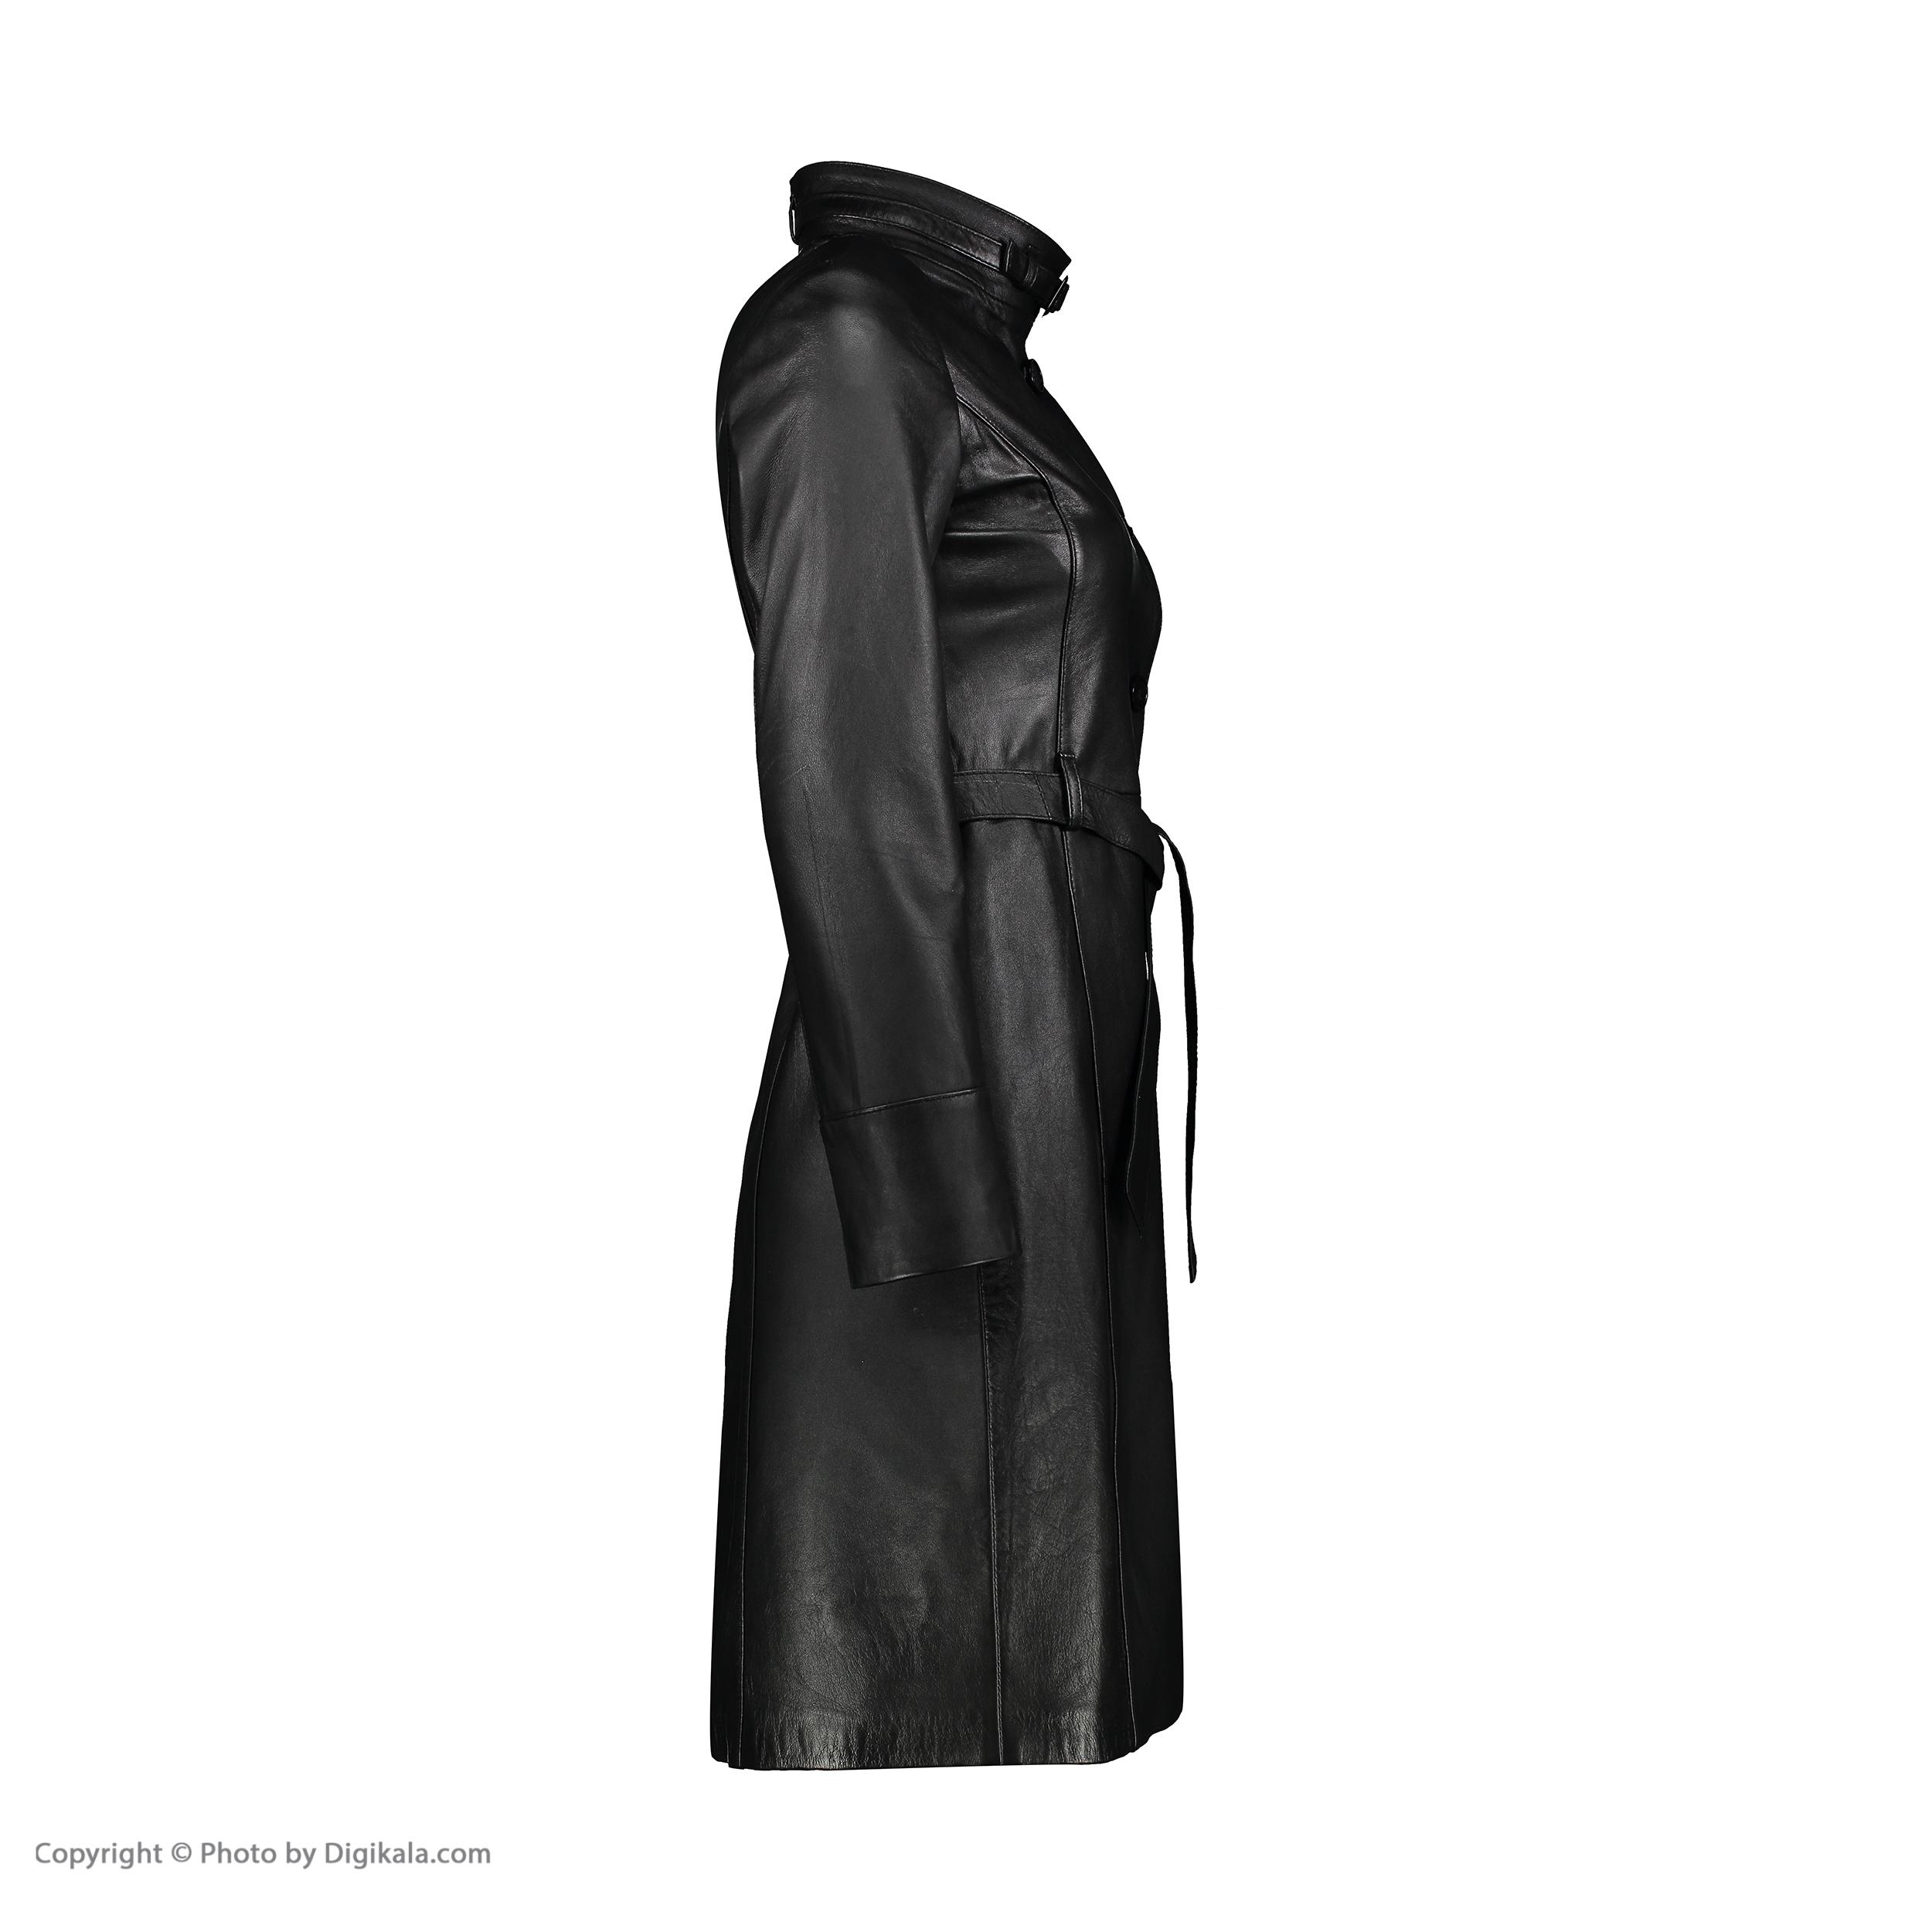 کت چرم زنانه شیفر مدل 2804-1